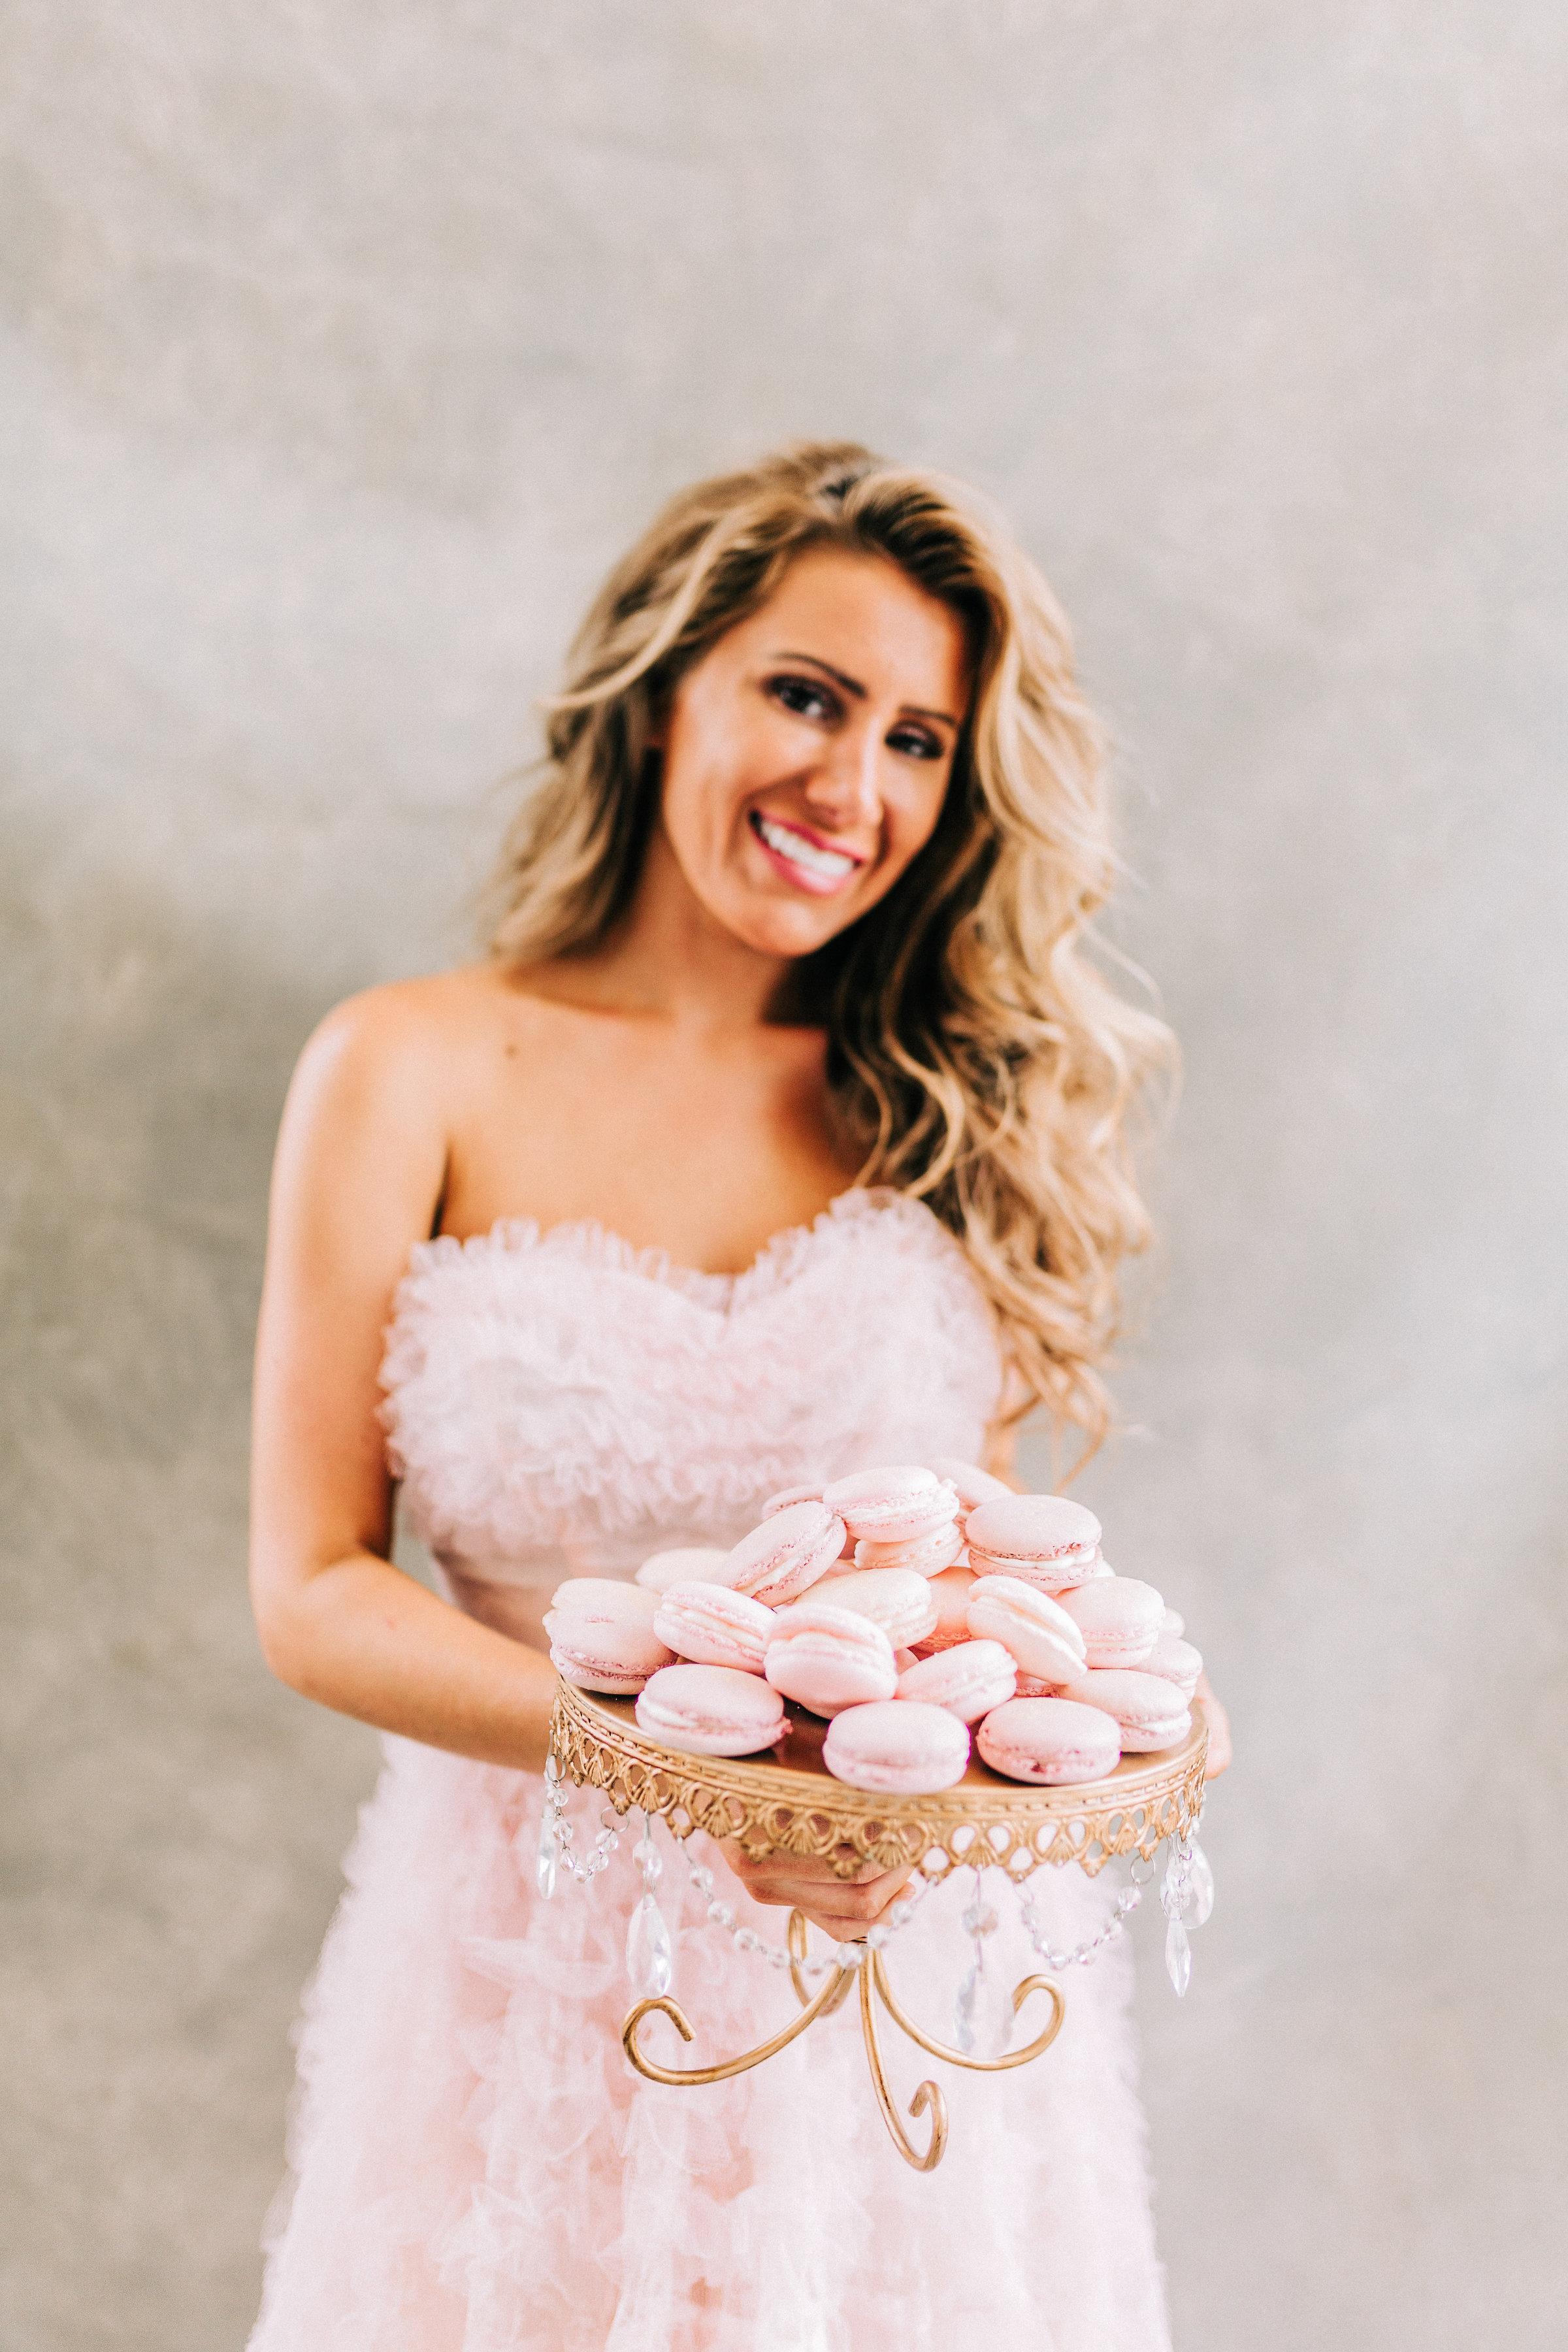 Dayton Wedding Planner - Pink Wedding - Lost and Found Vintage Rentals Dayton